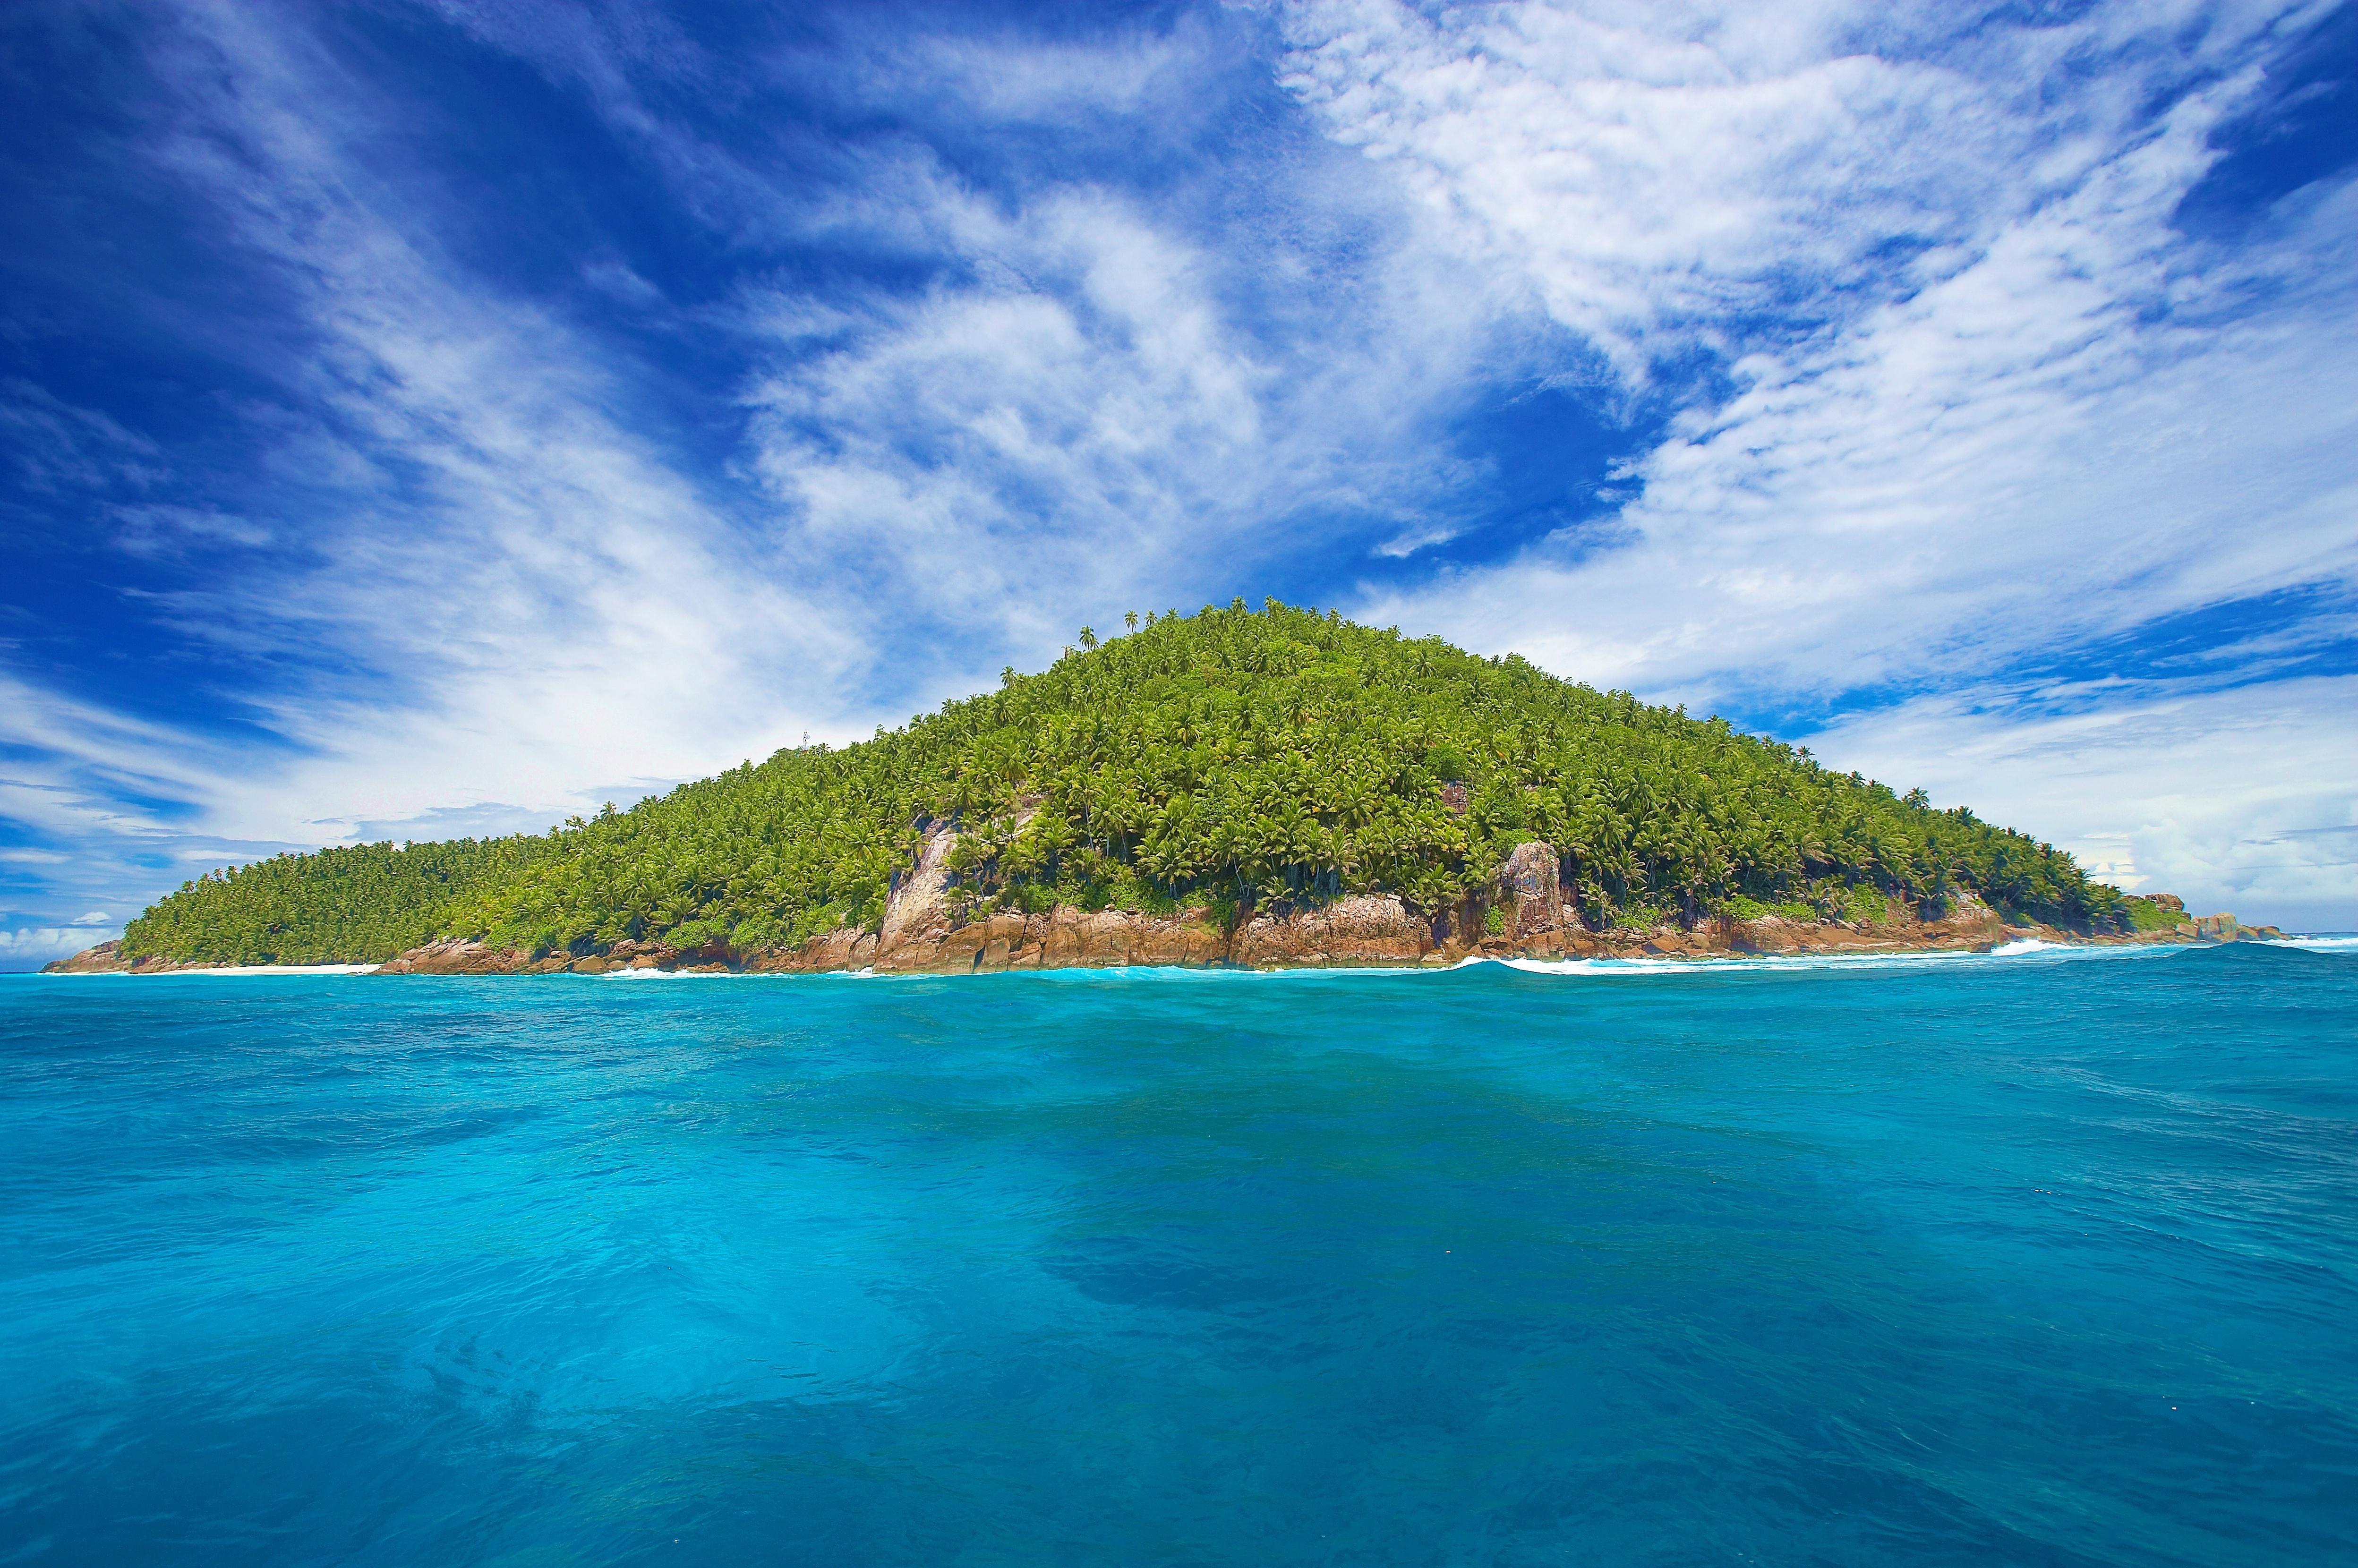 маленькие острова среди гор  № 253164 без смс